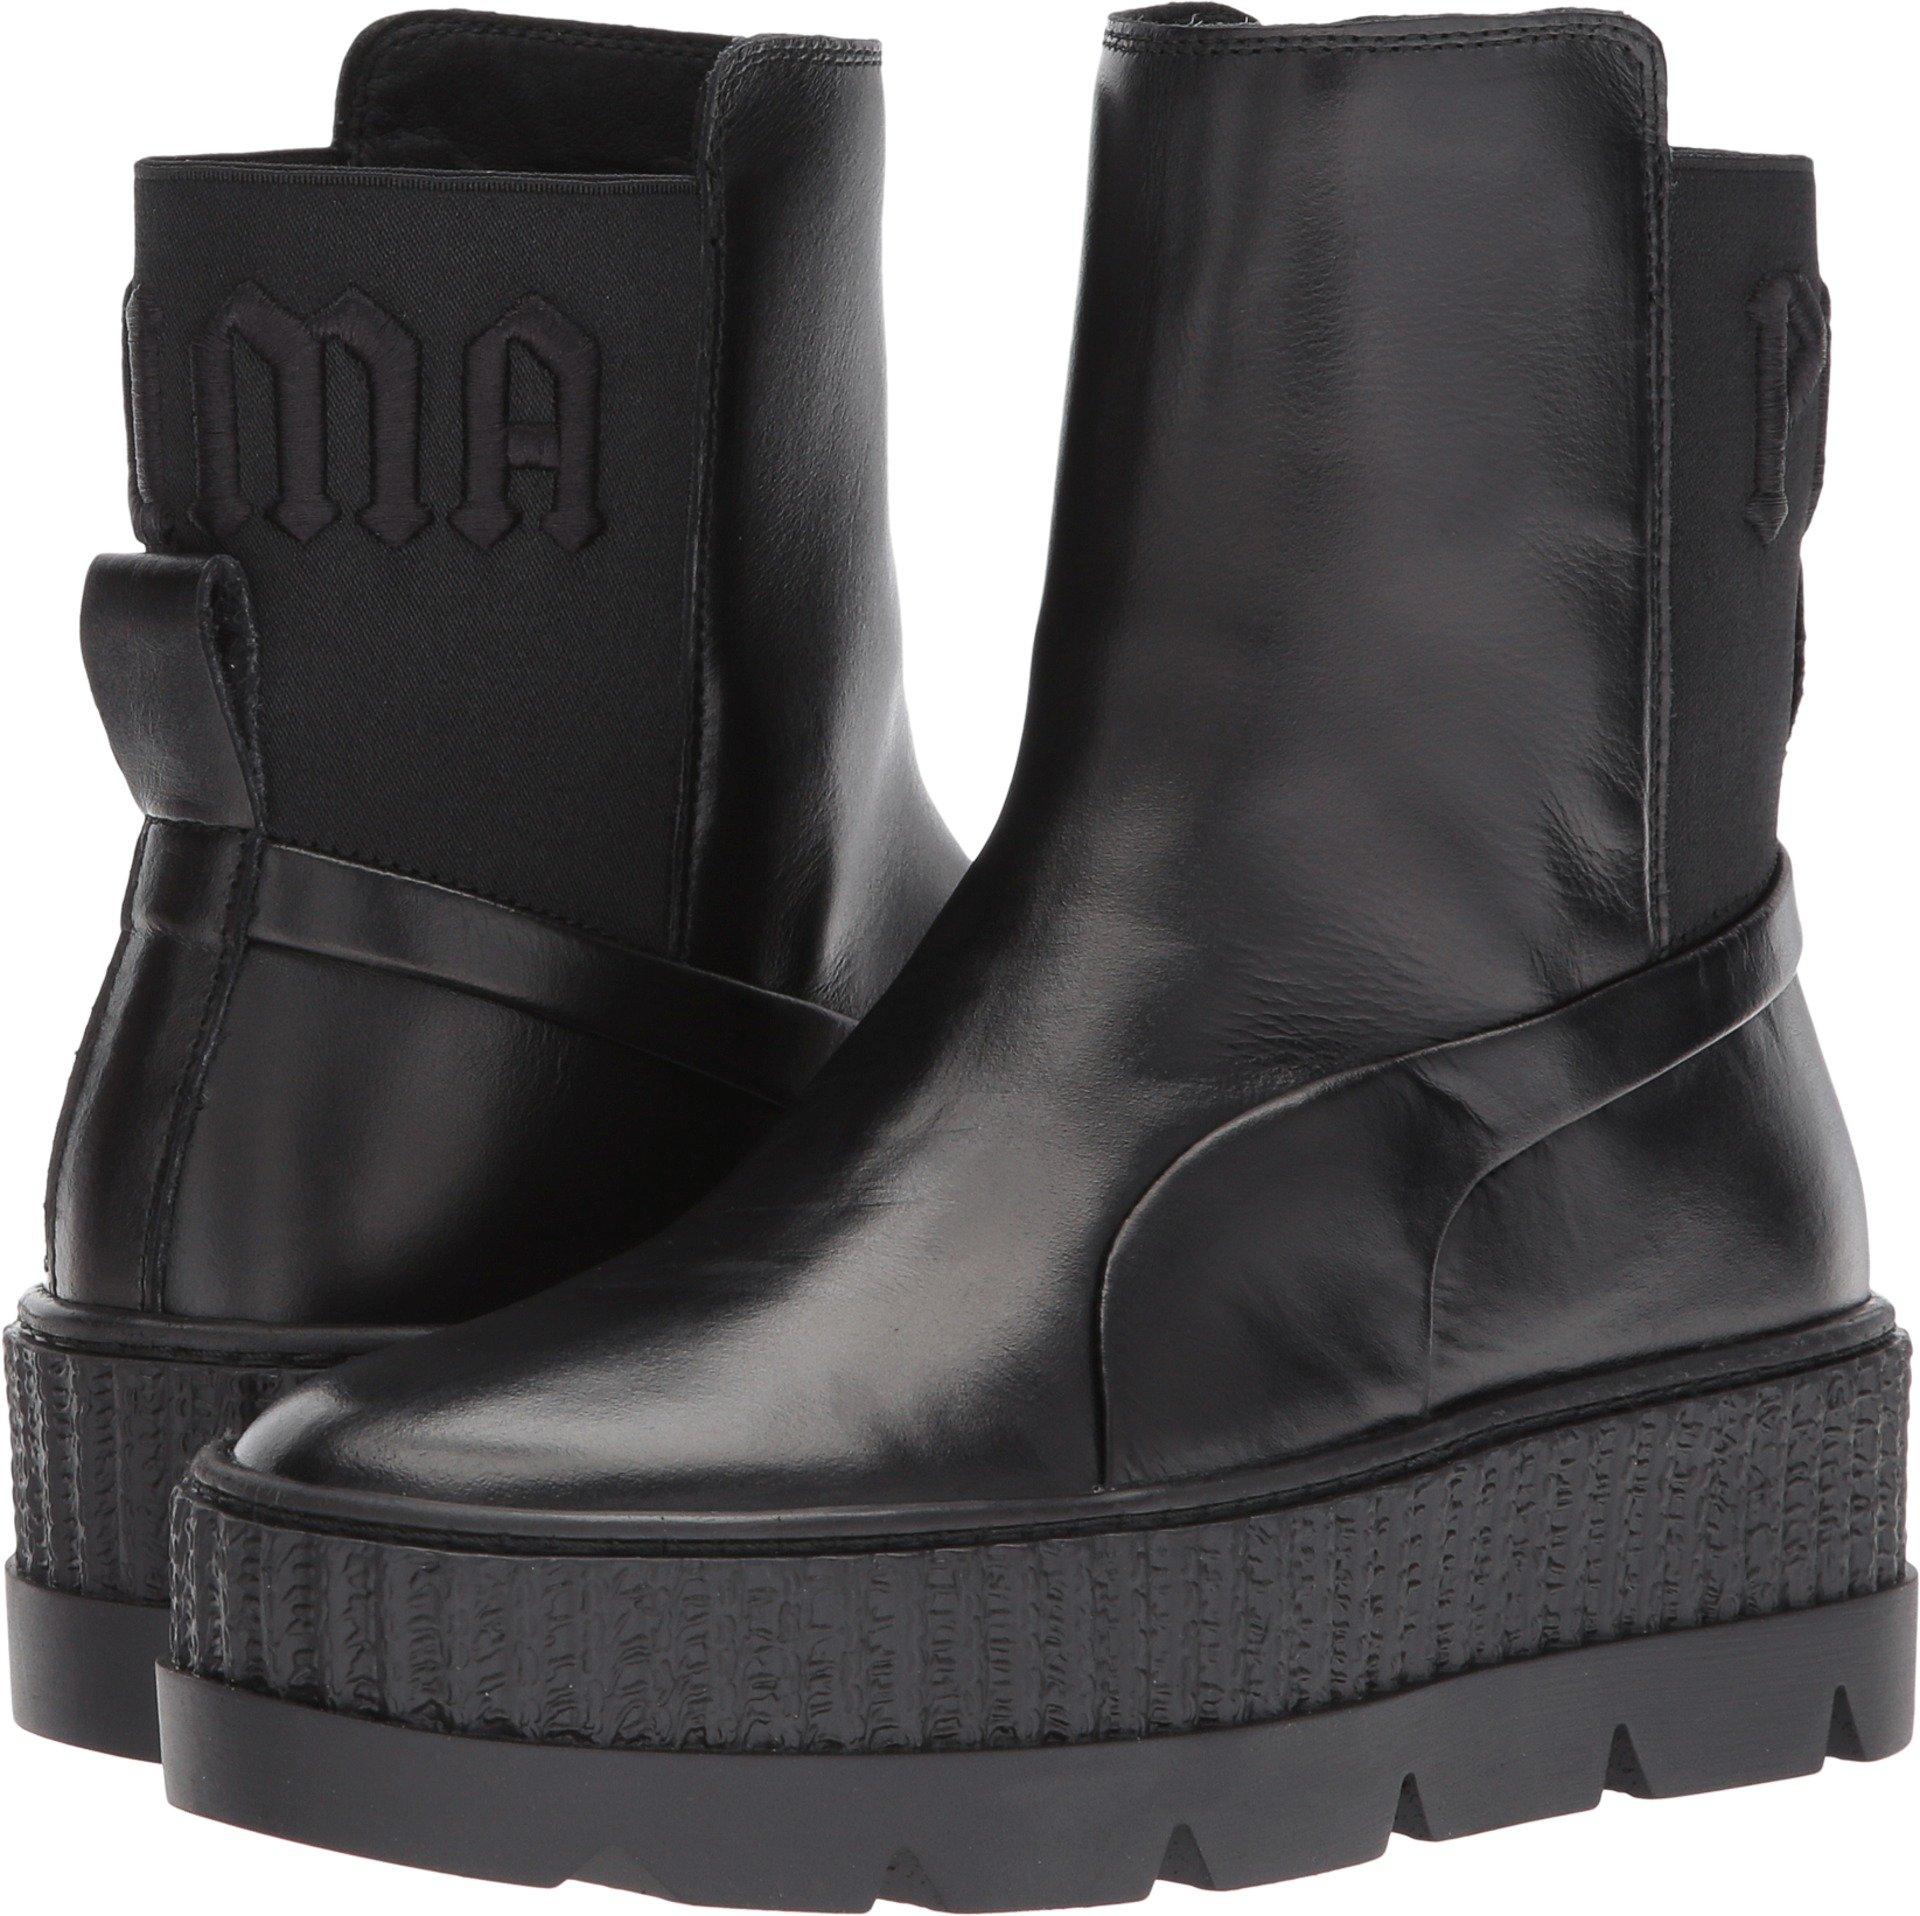 PUMA Unisex x Fenty by Rihanna Chelsea Sneaker Boot Black 8.5 Women/7 Men M US